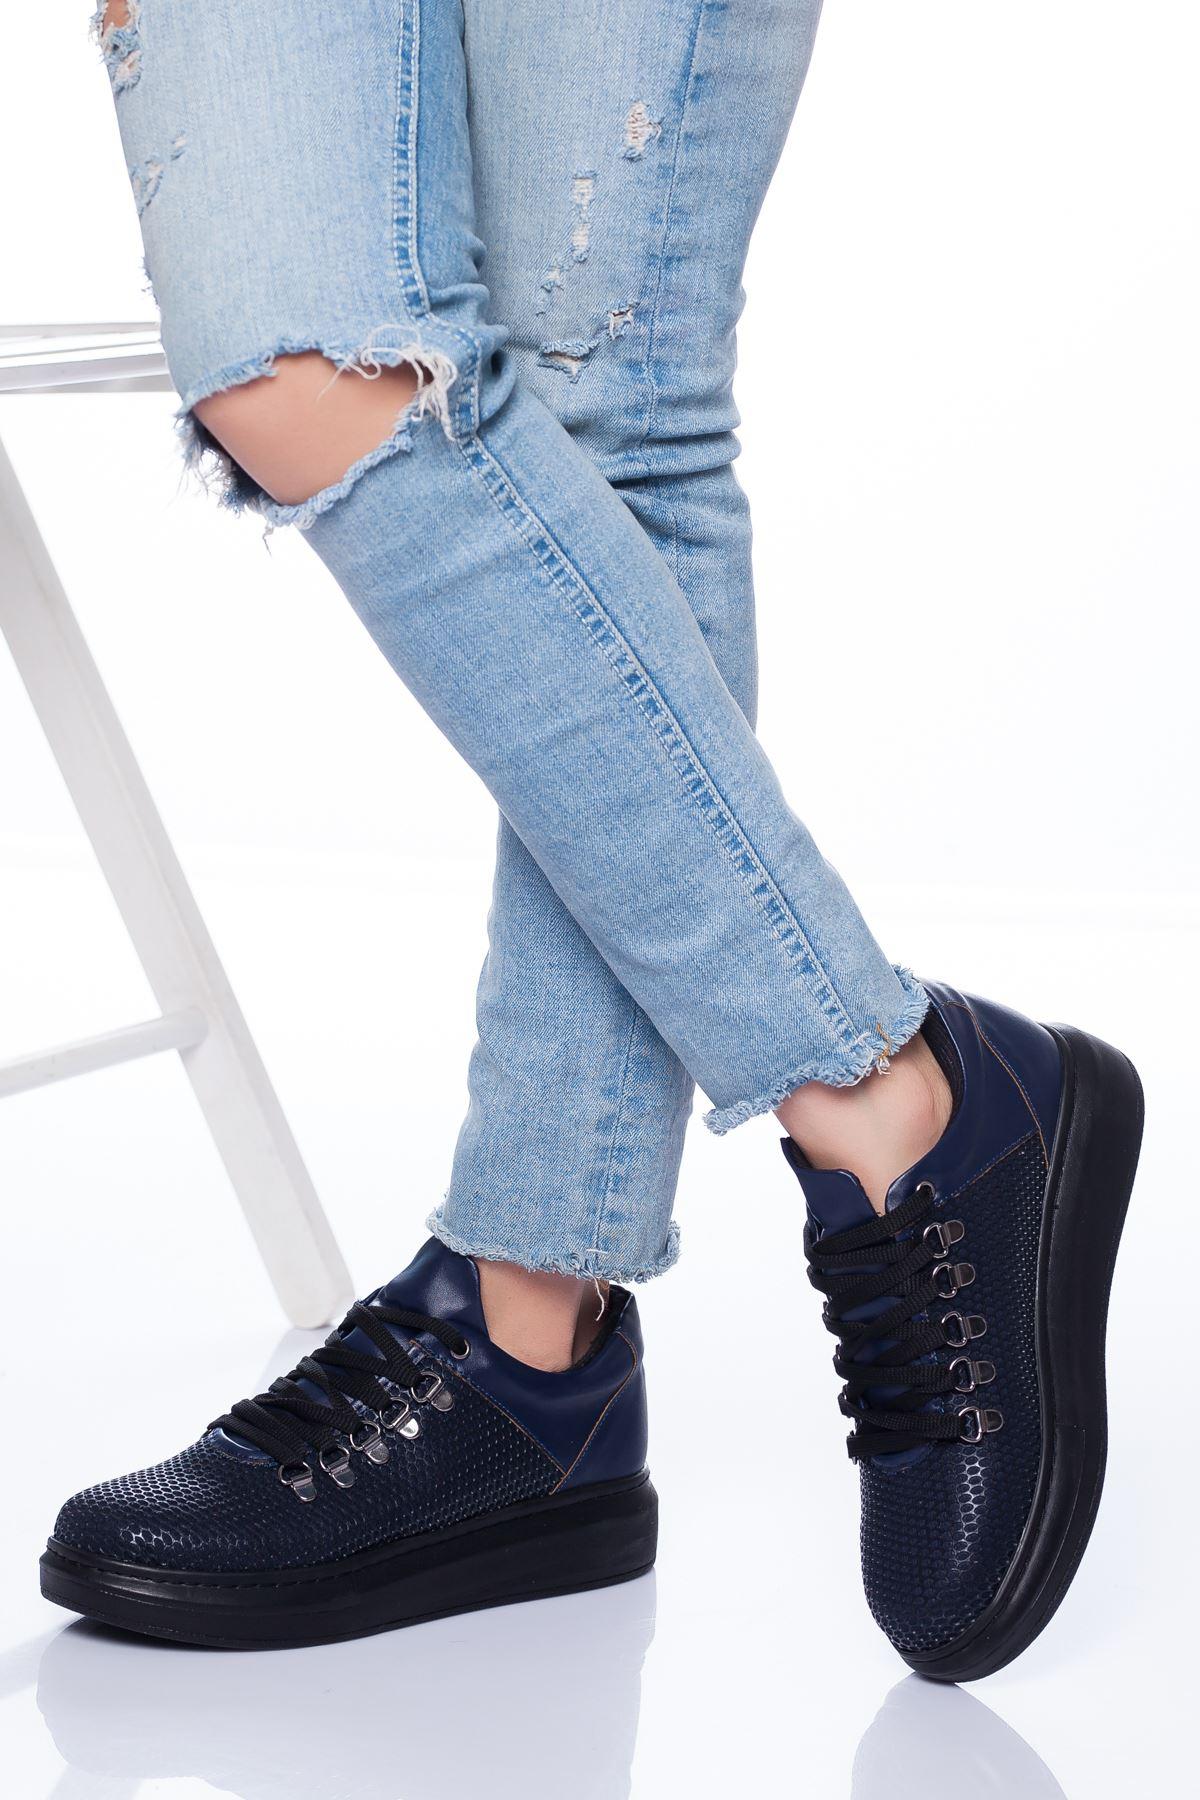 Gale Spor Ayakkabı MAVİ